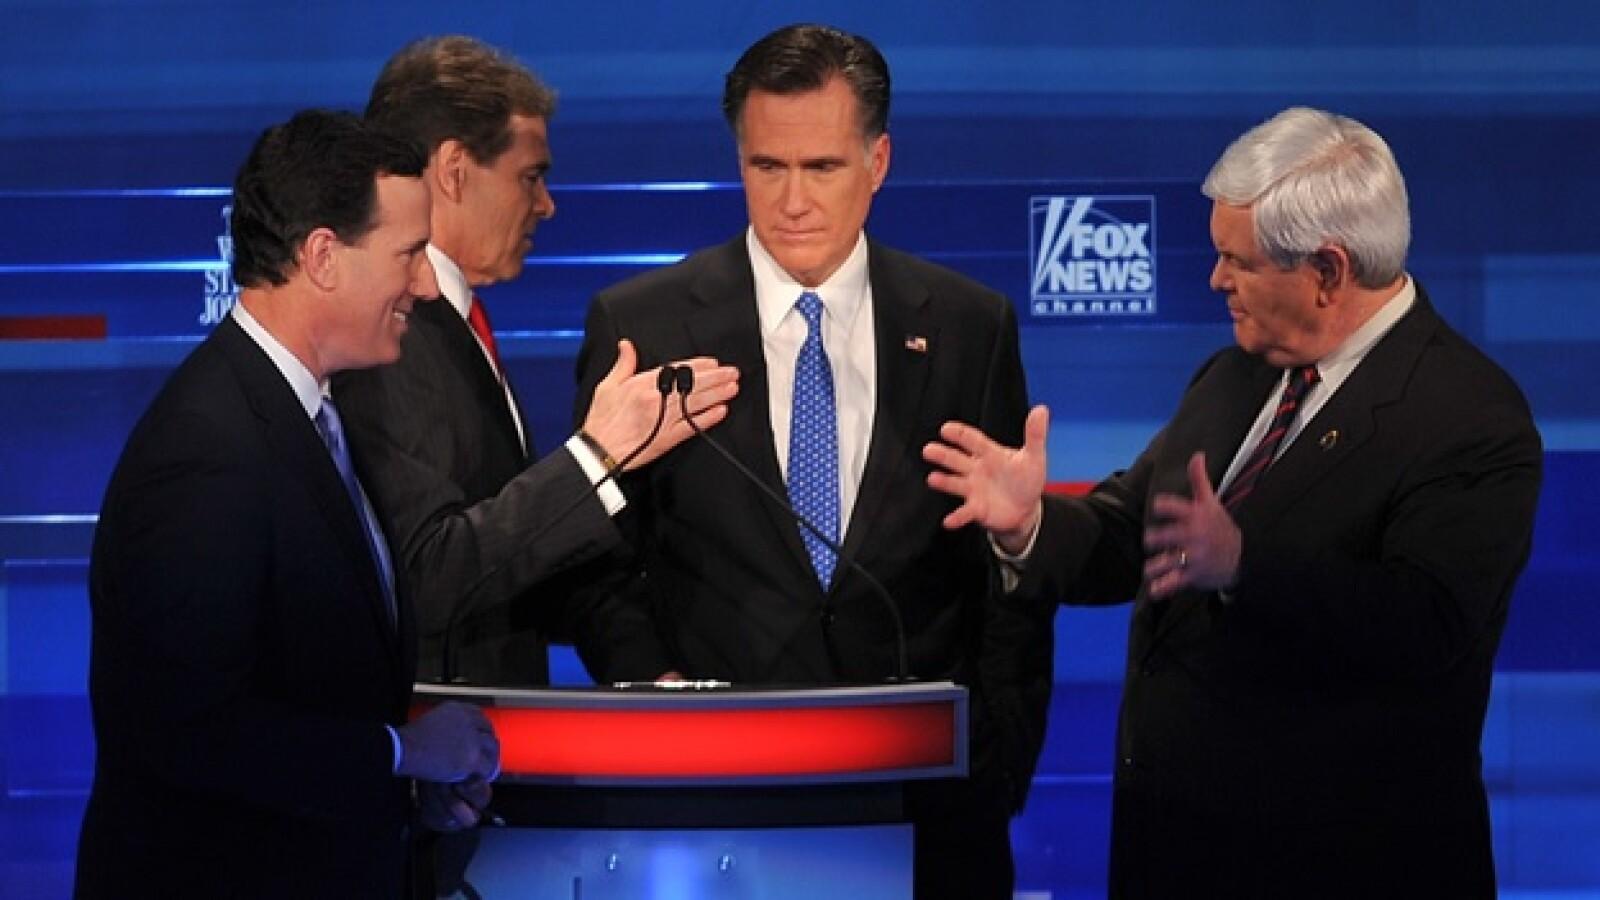 mitt romney, ron paul, newt gingrich, rick santorum, debate republicanos carolina del sur elecciones eu